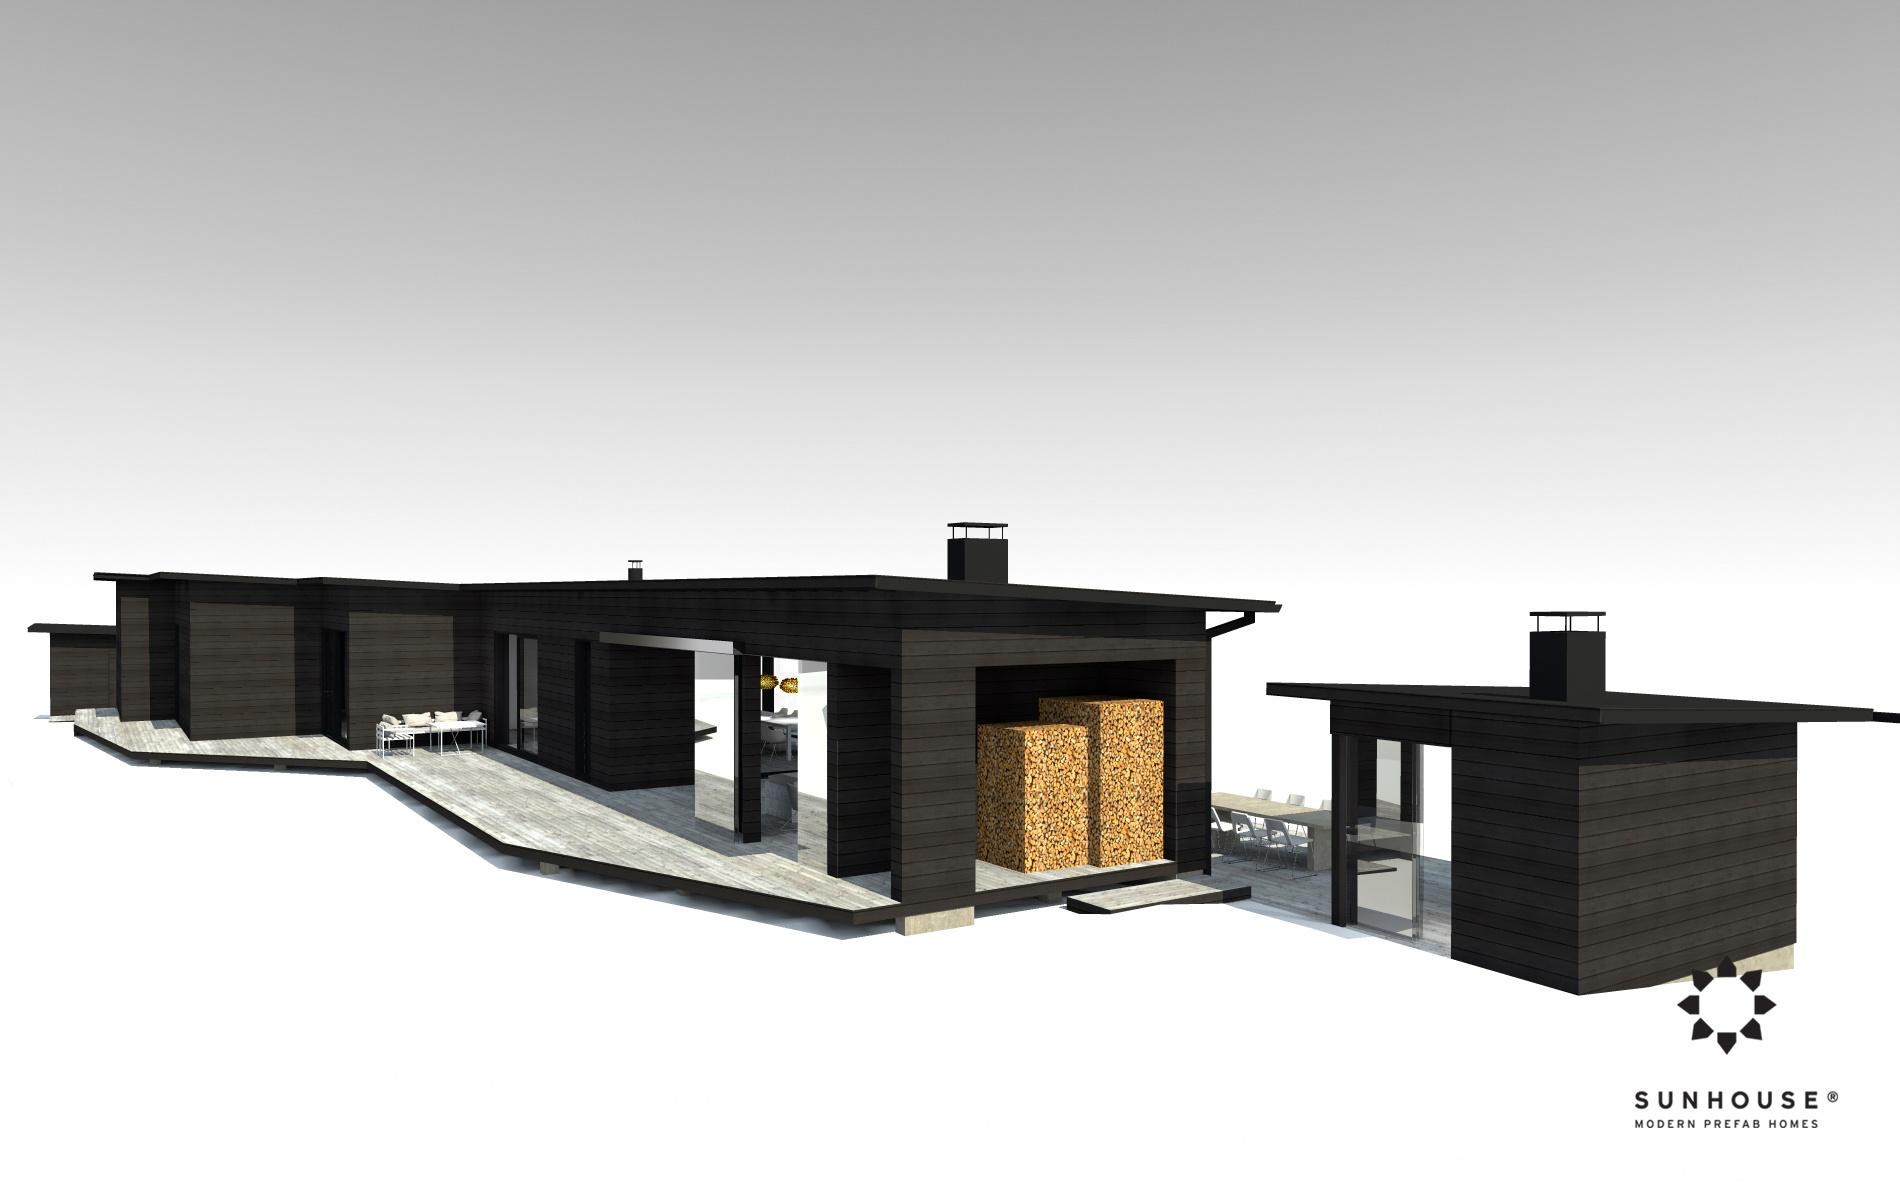 Sunhouse S1412 - Moderni vapaa-ajan asunto-3